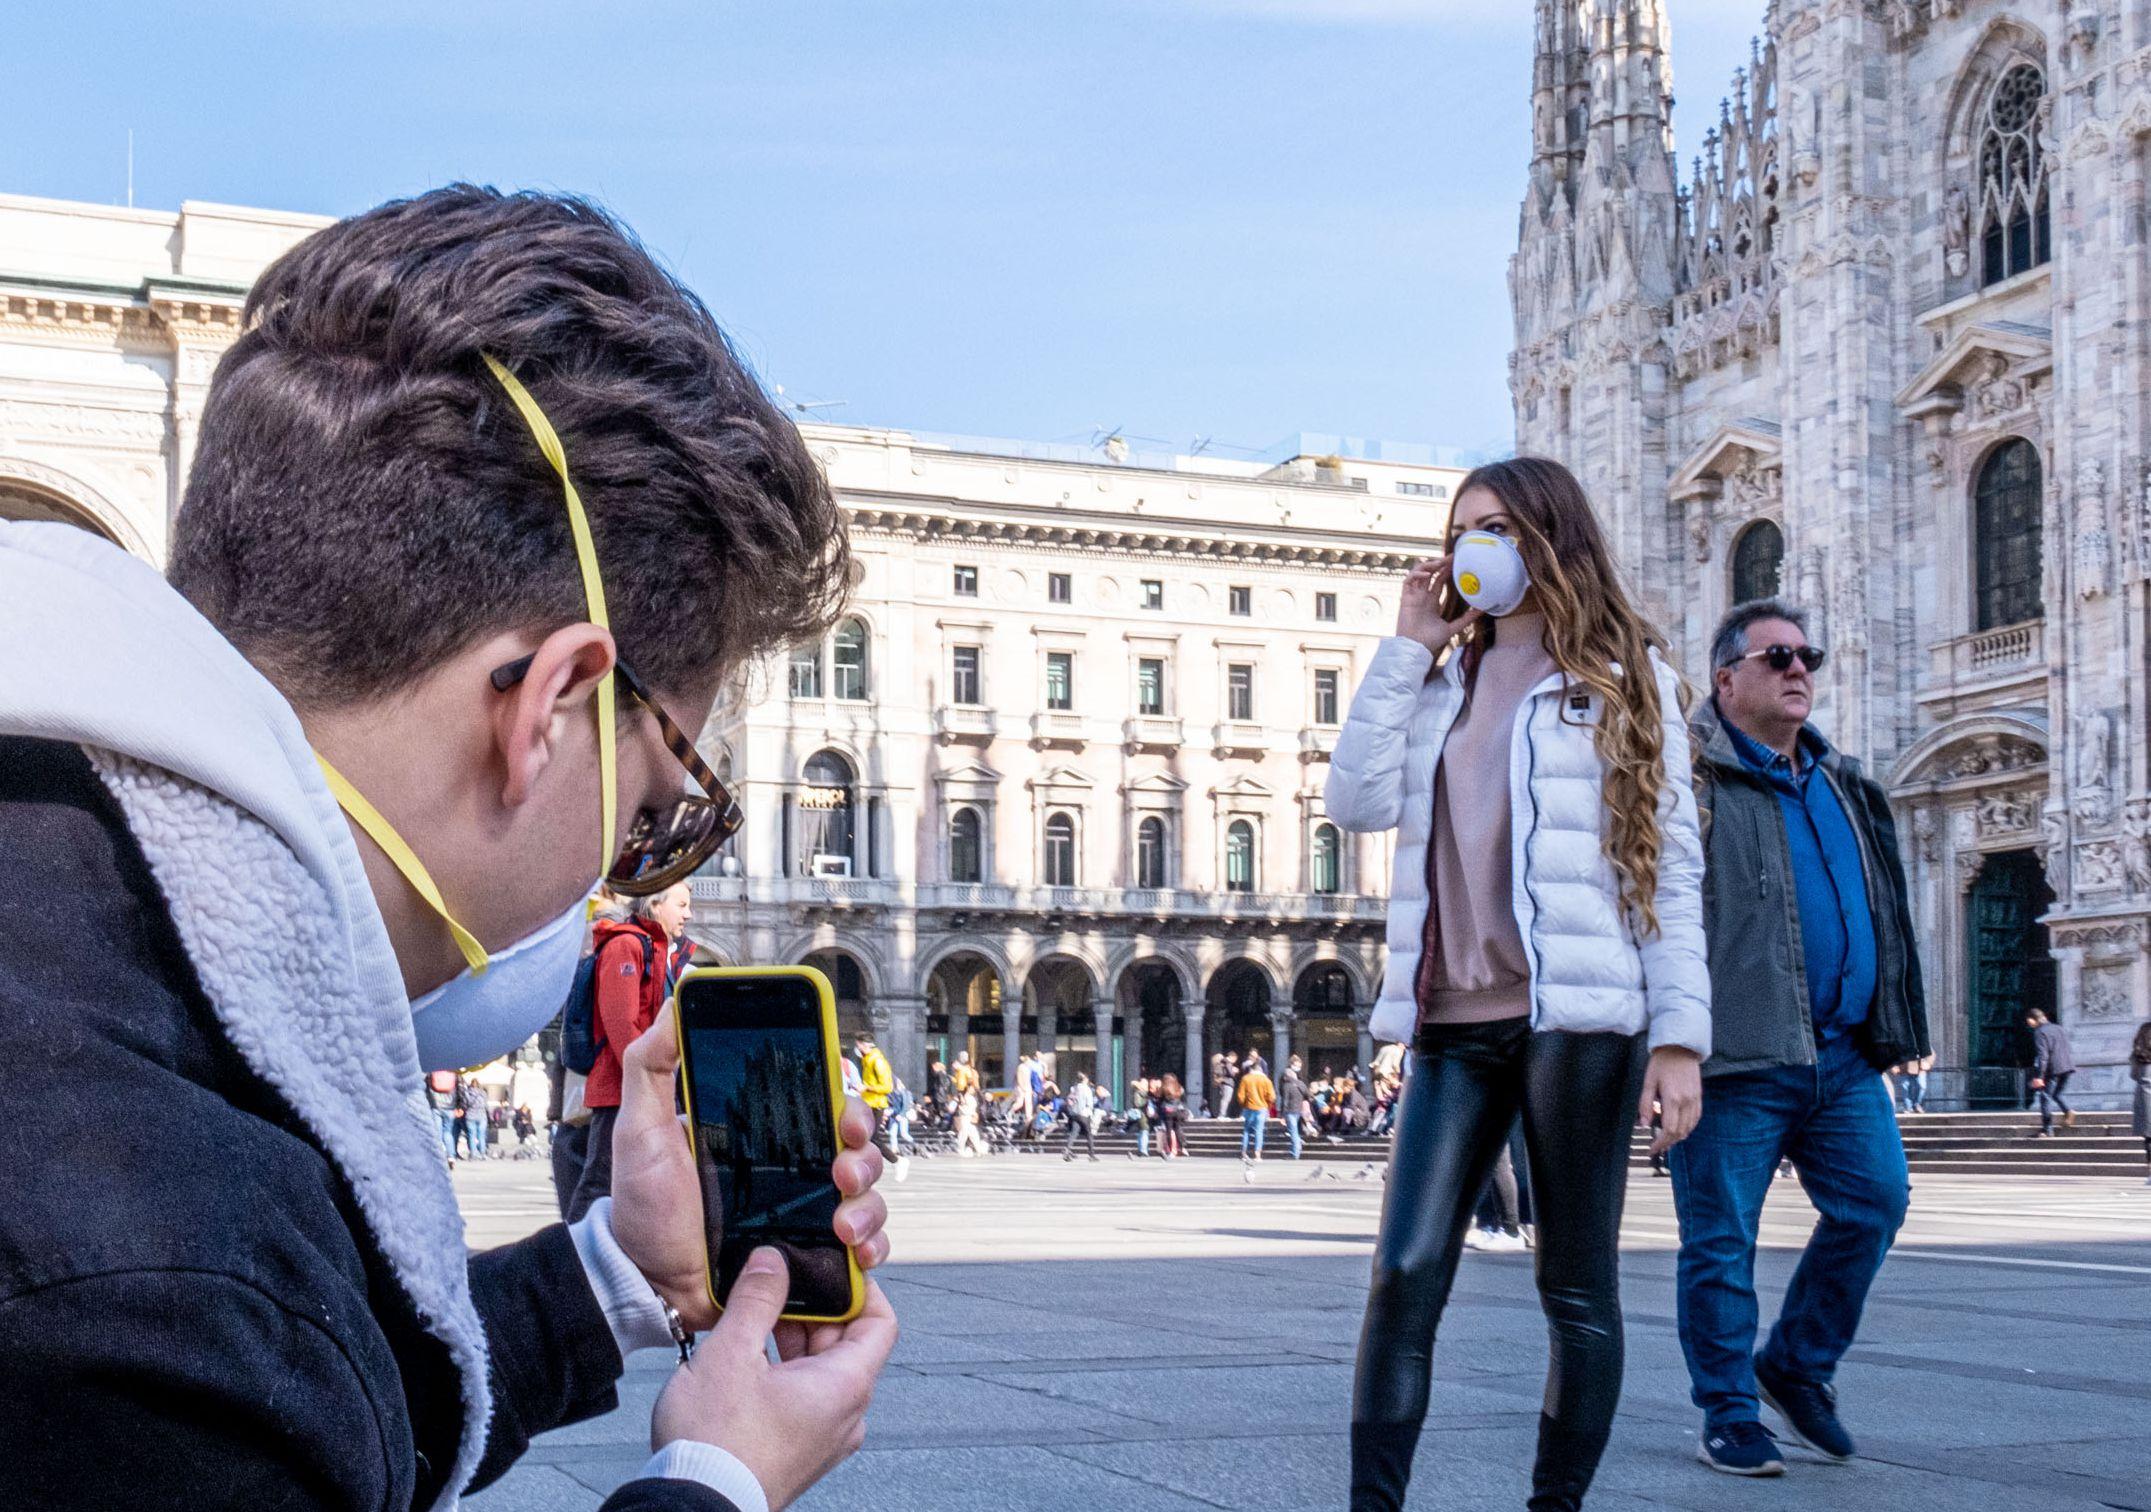 People wearing masks in Piazza DuomoCoronavirus outbreak, Milan, Italy - 24 Feb 2020